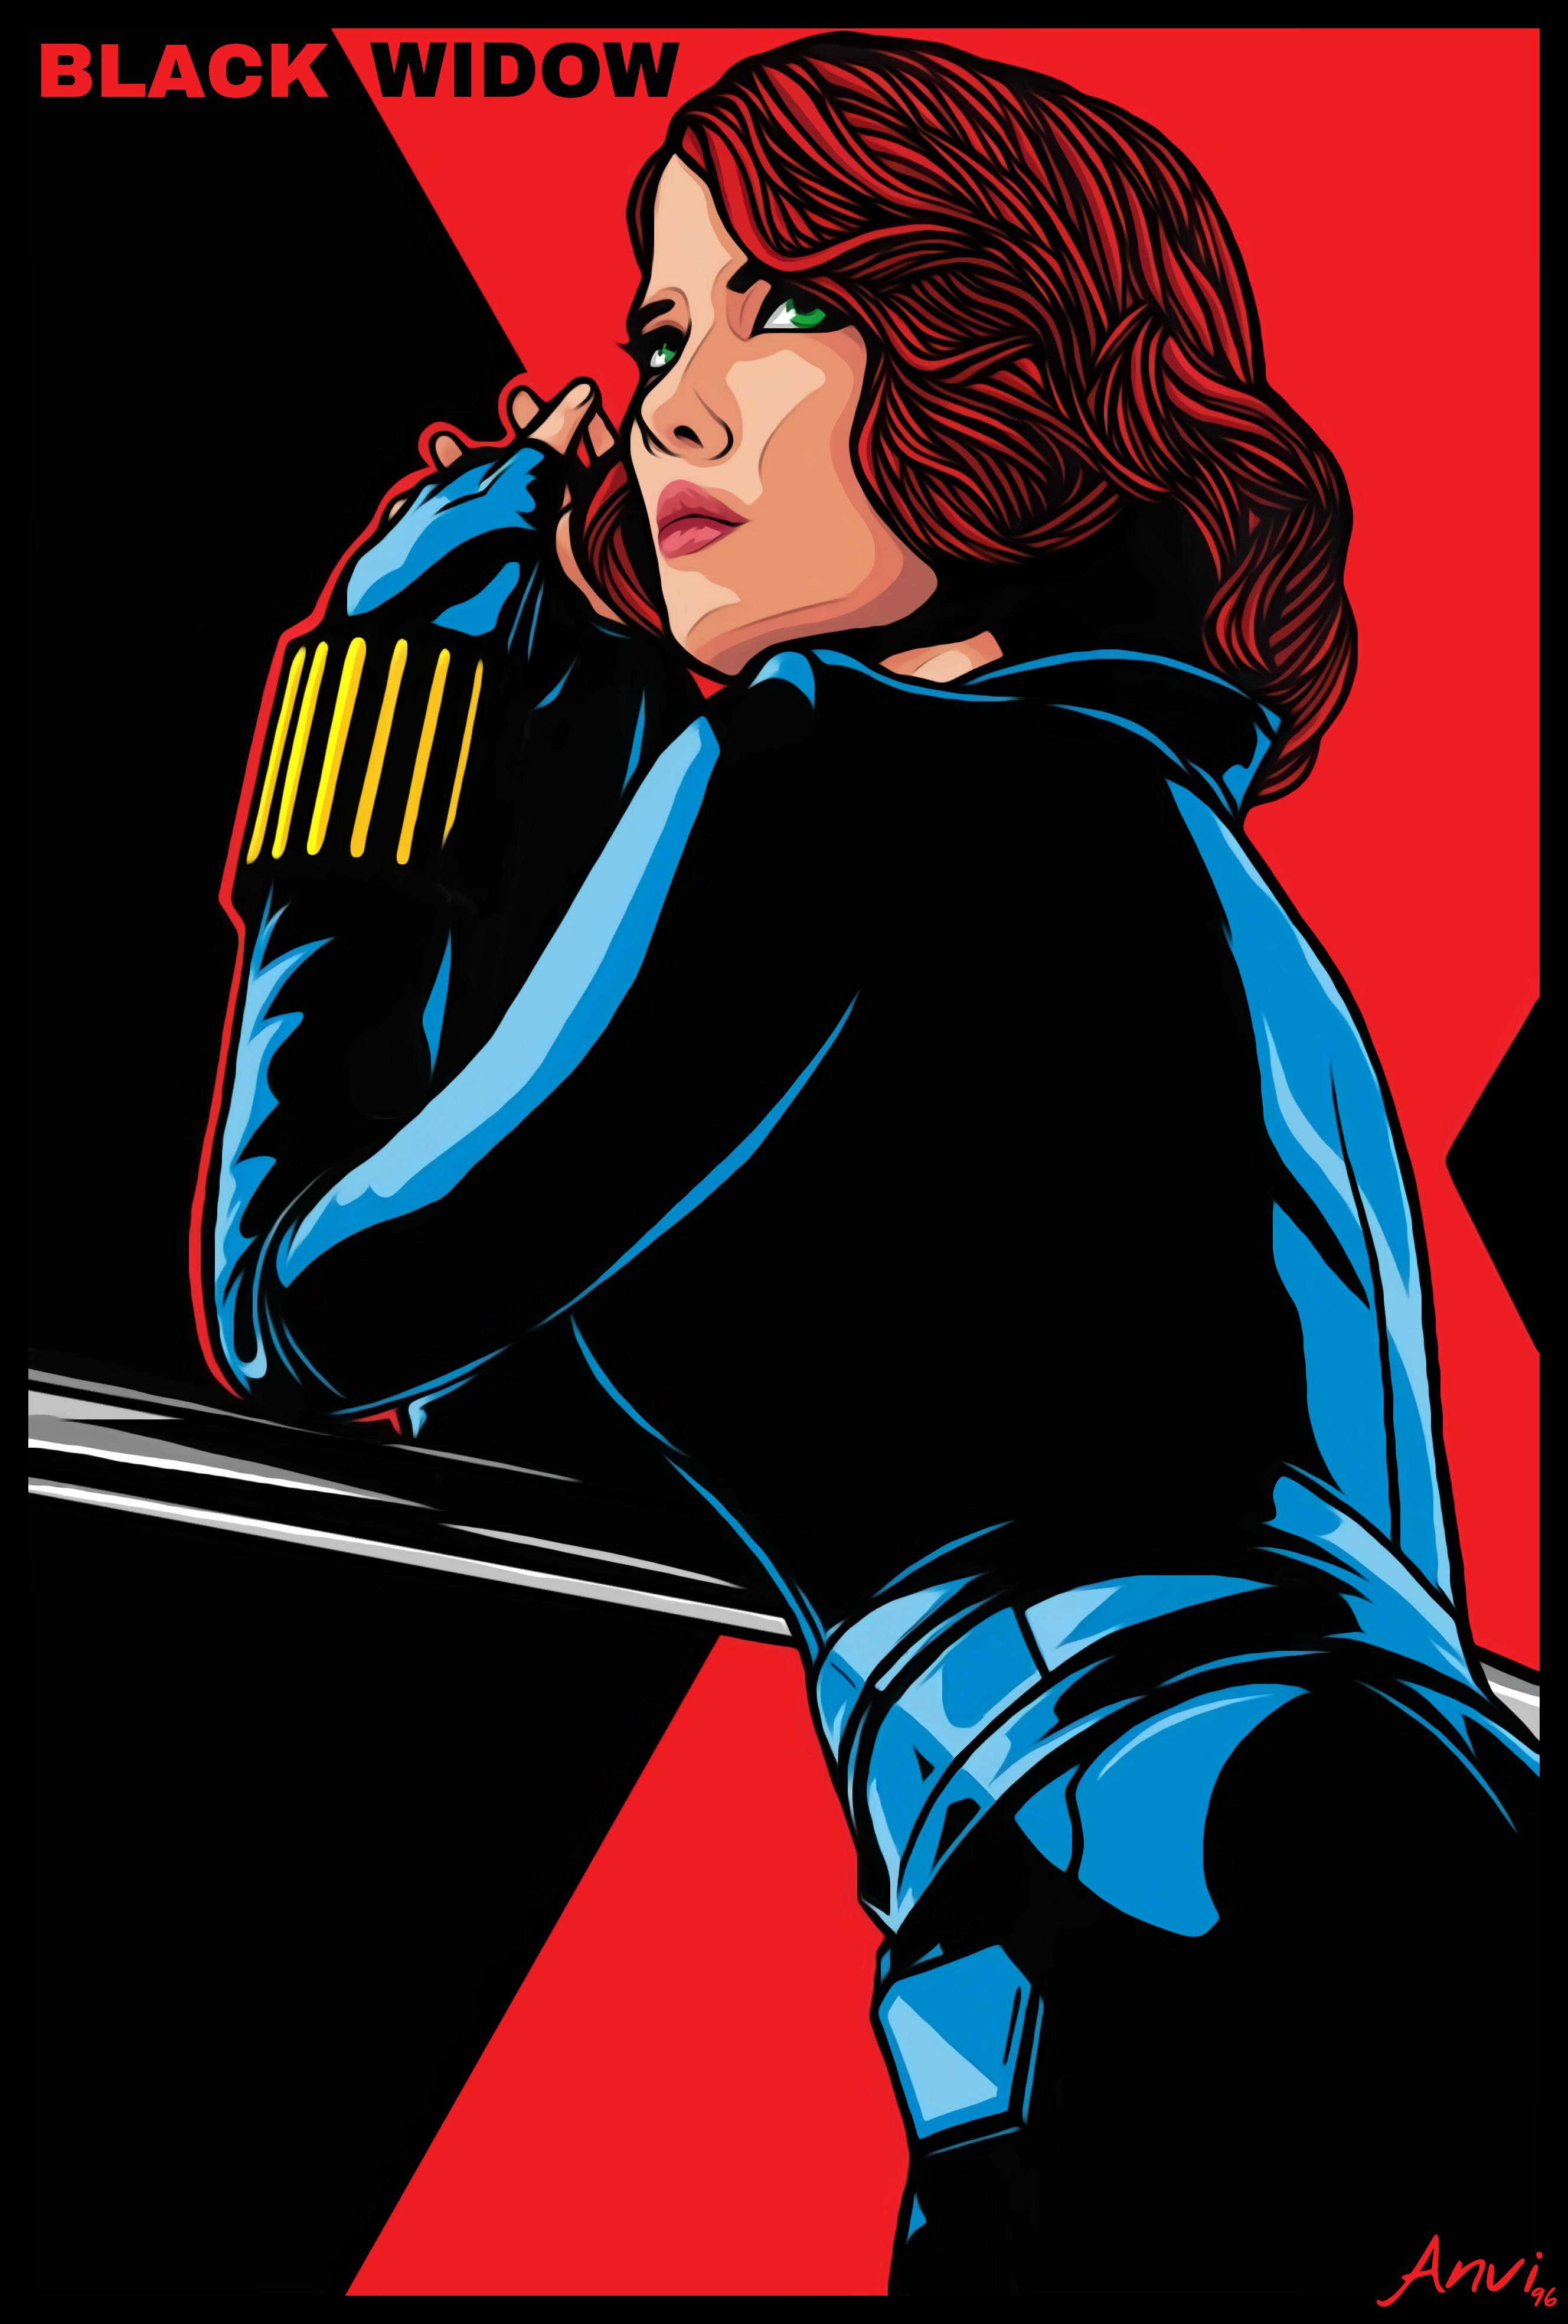 Natasha Romanoff X Reader On Marvel X Reader Fics Deviantart Последние твиты от mr nightmare (@mista_nightmare). natasha romanoff x reader on marvel x